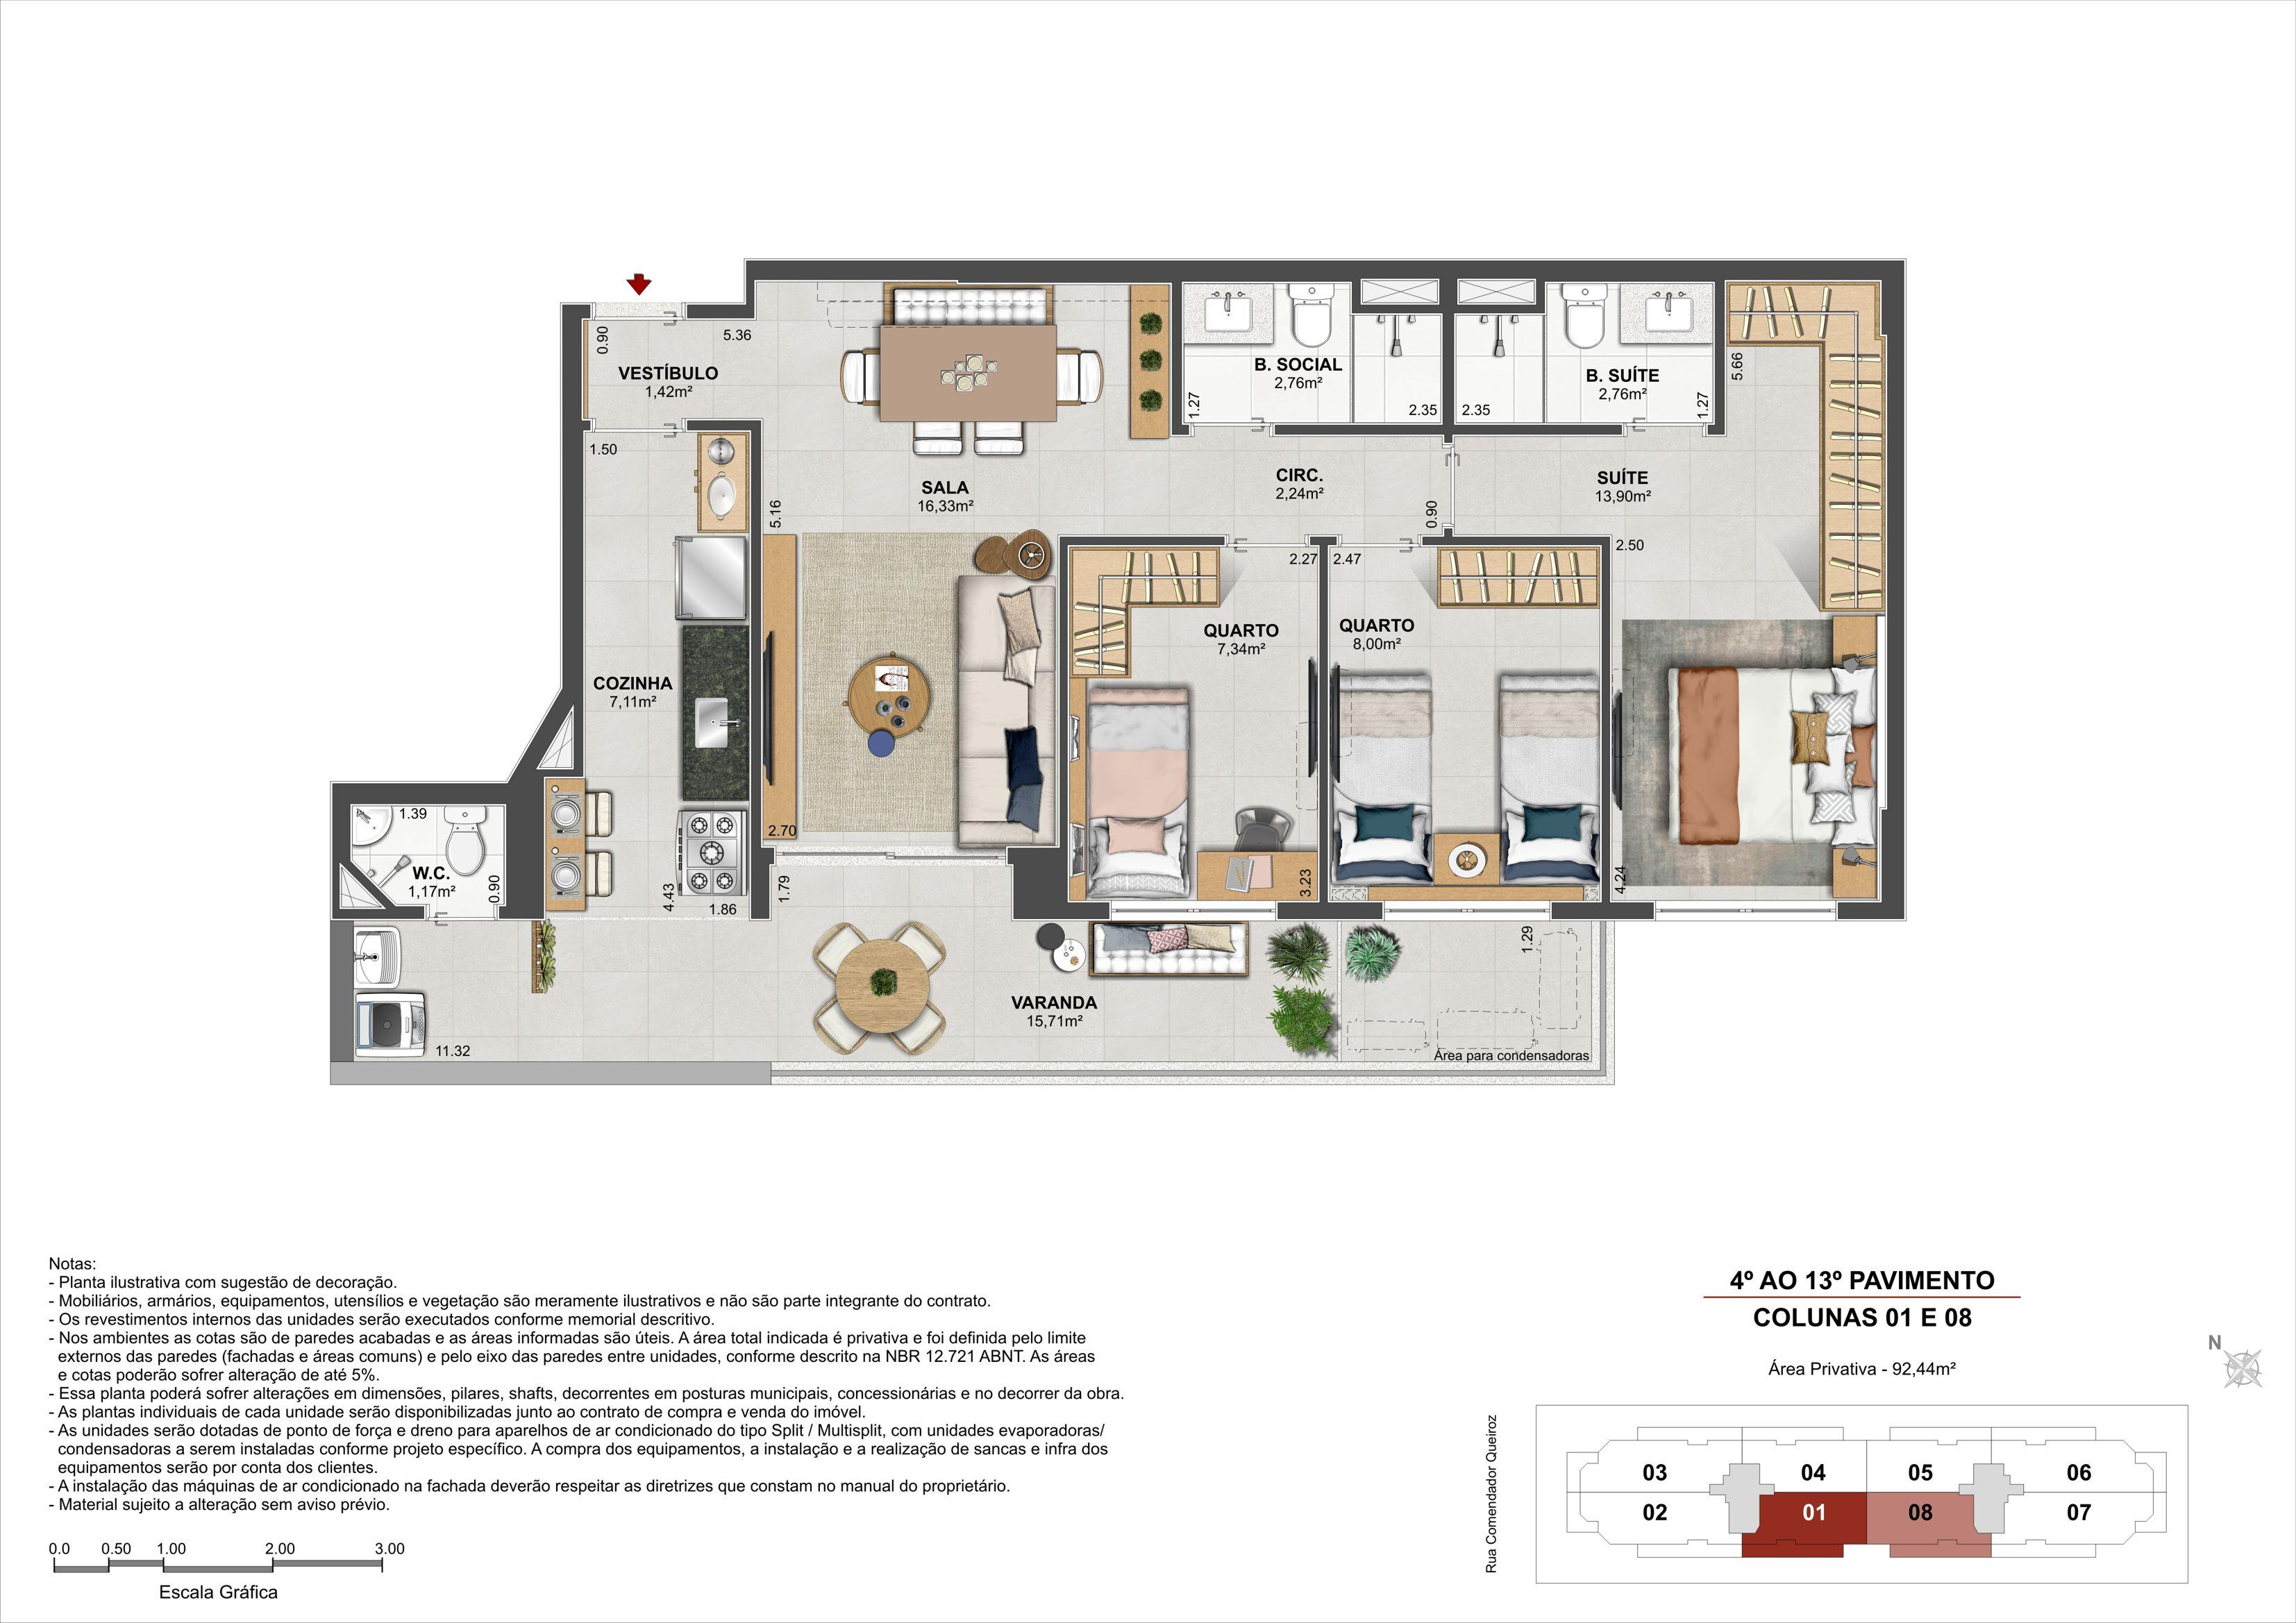 3 quartos - Área Privativa: 92,44m²